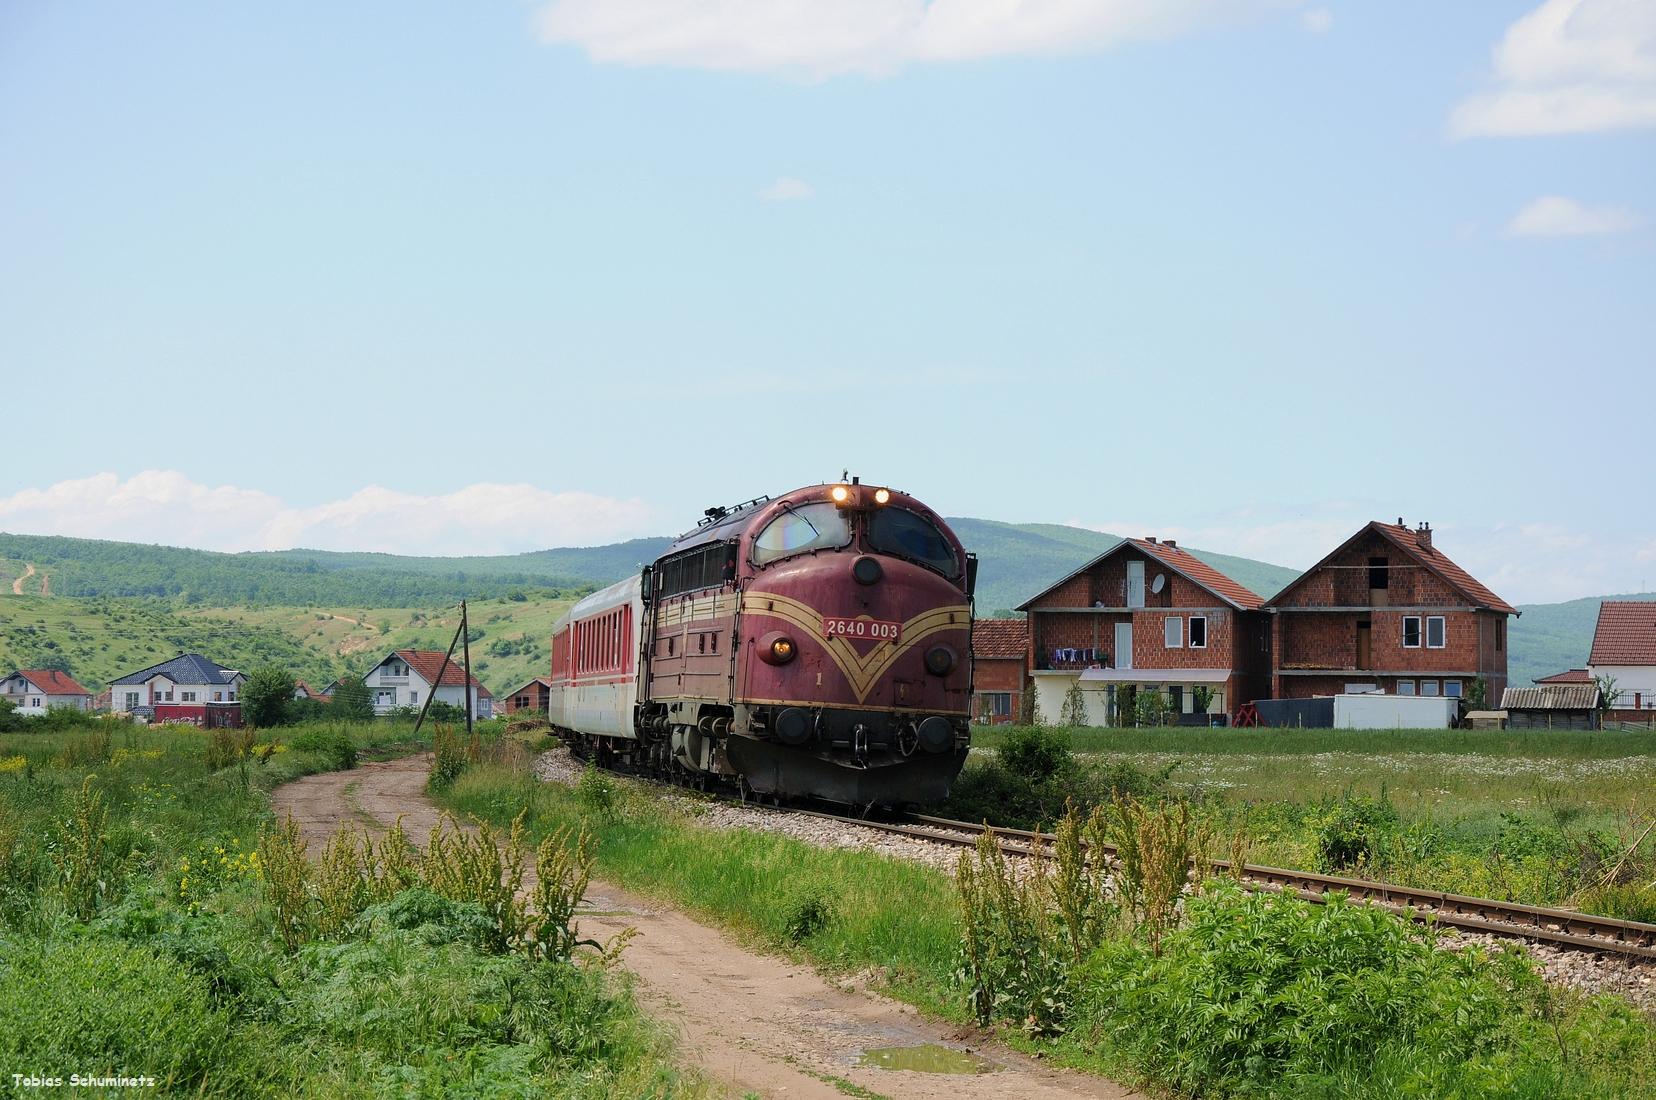 Hinter Bardh i Madh wollten wir den Zug nochmals erlegen. Doch leider war Murphy mit seiner Fotowolke zur Stelle.